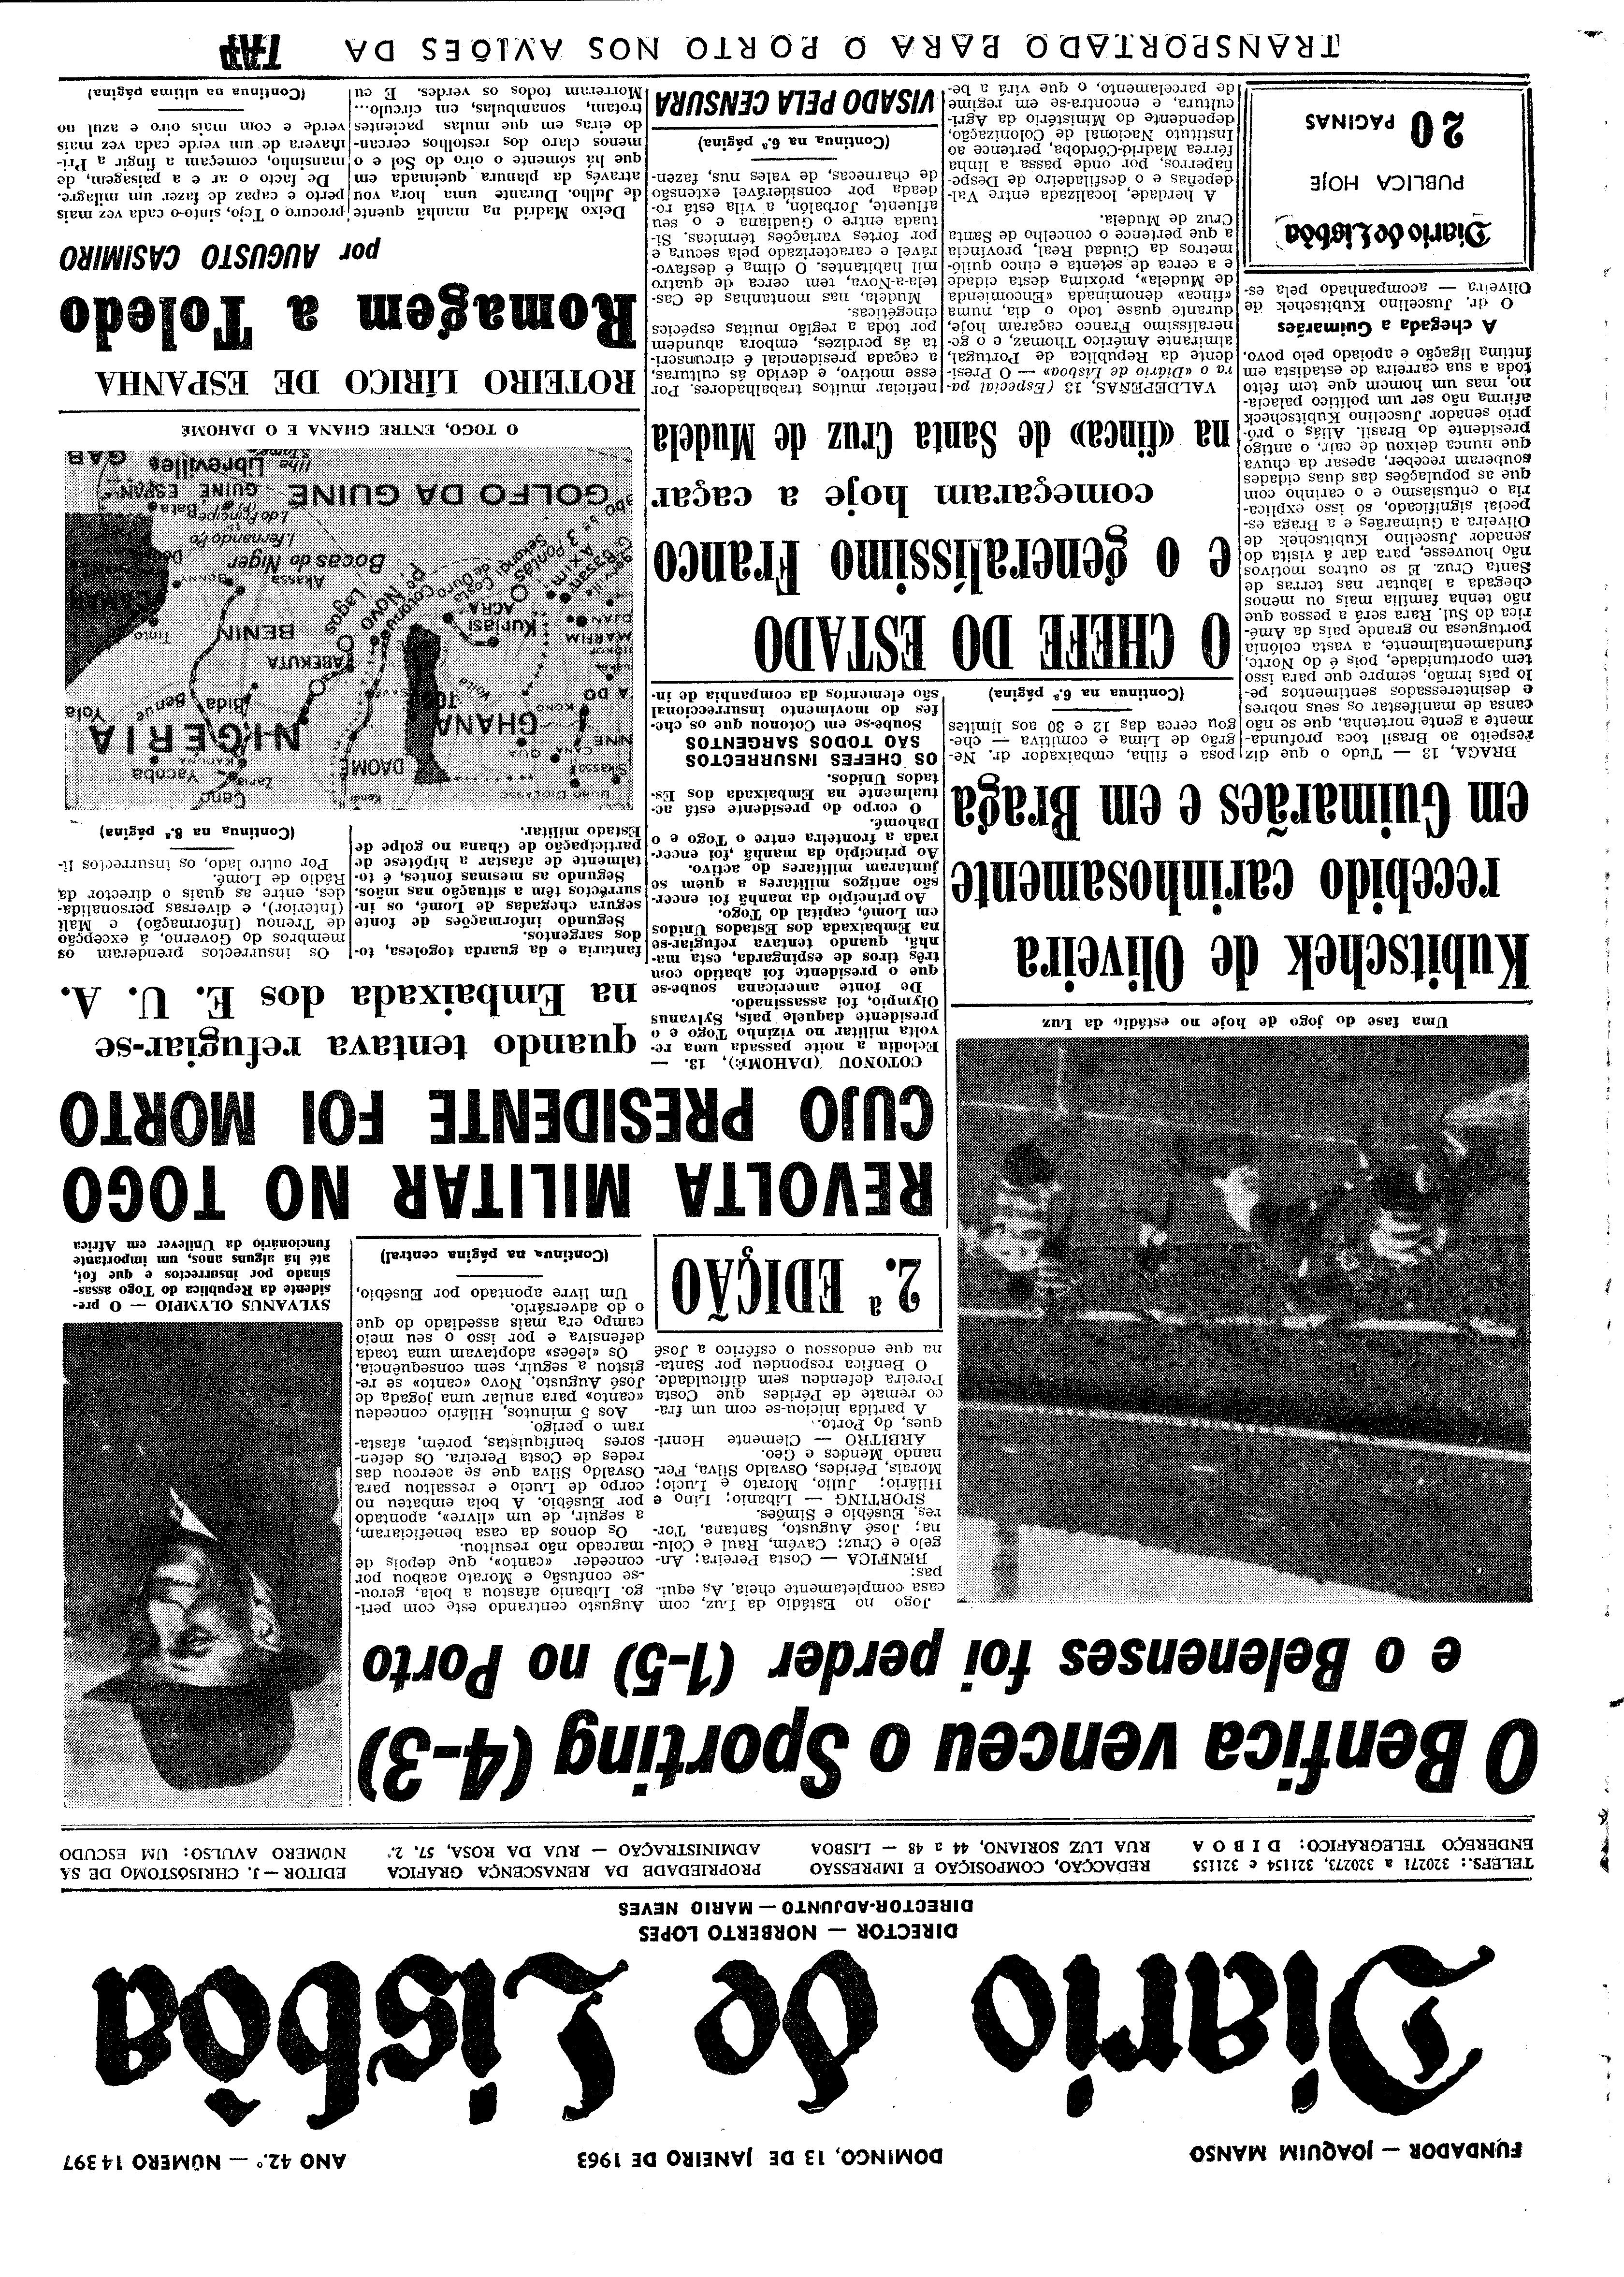 06547.085.18133- pag.1